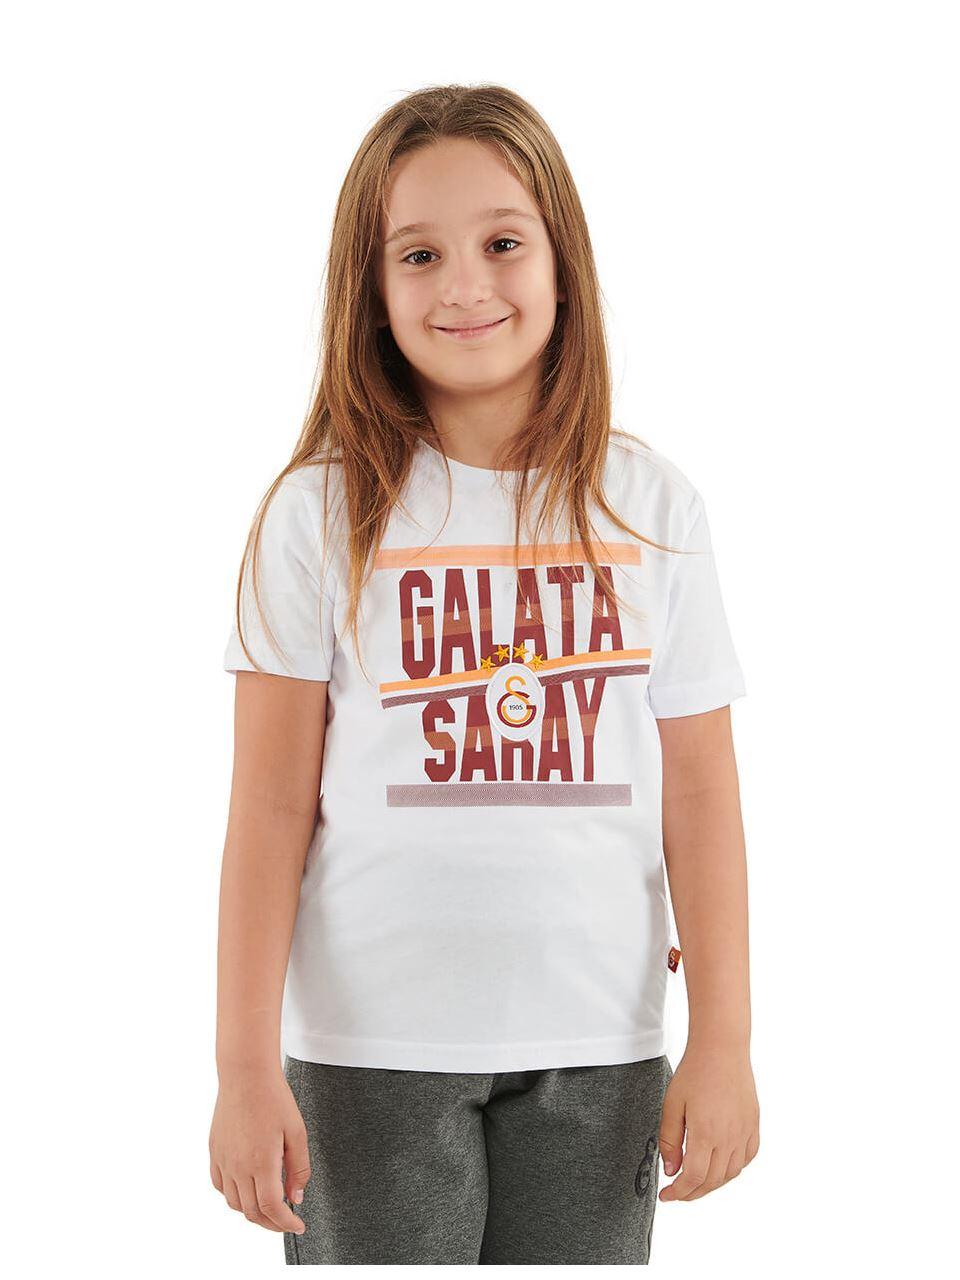 GALATASARAY ÇOCUK TSHIRT C191036